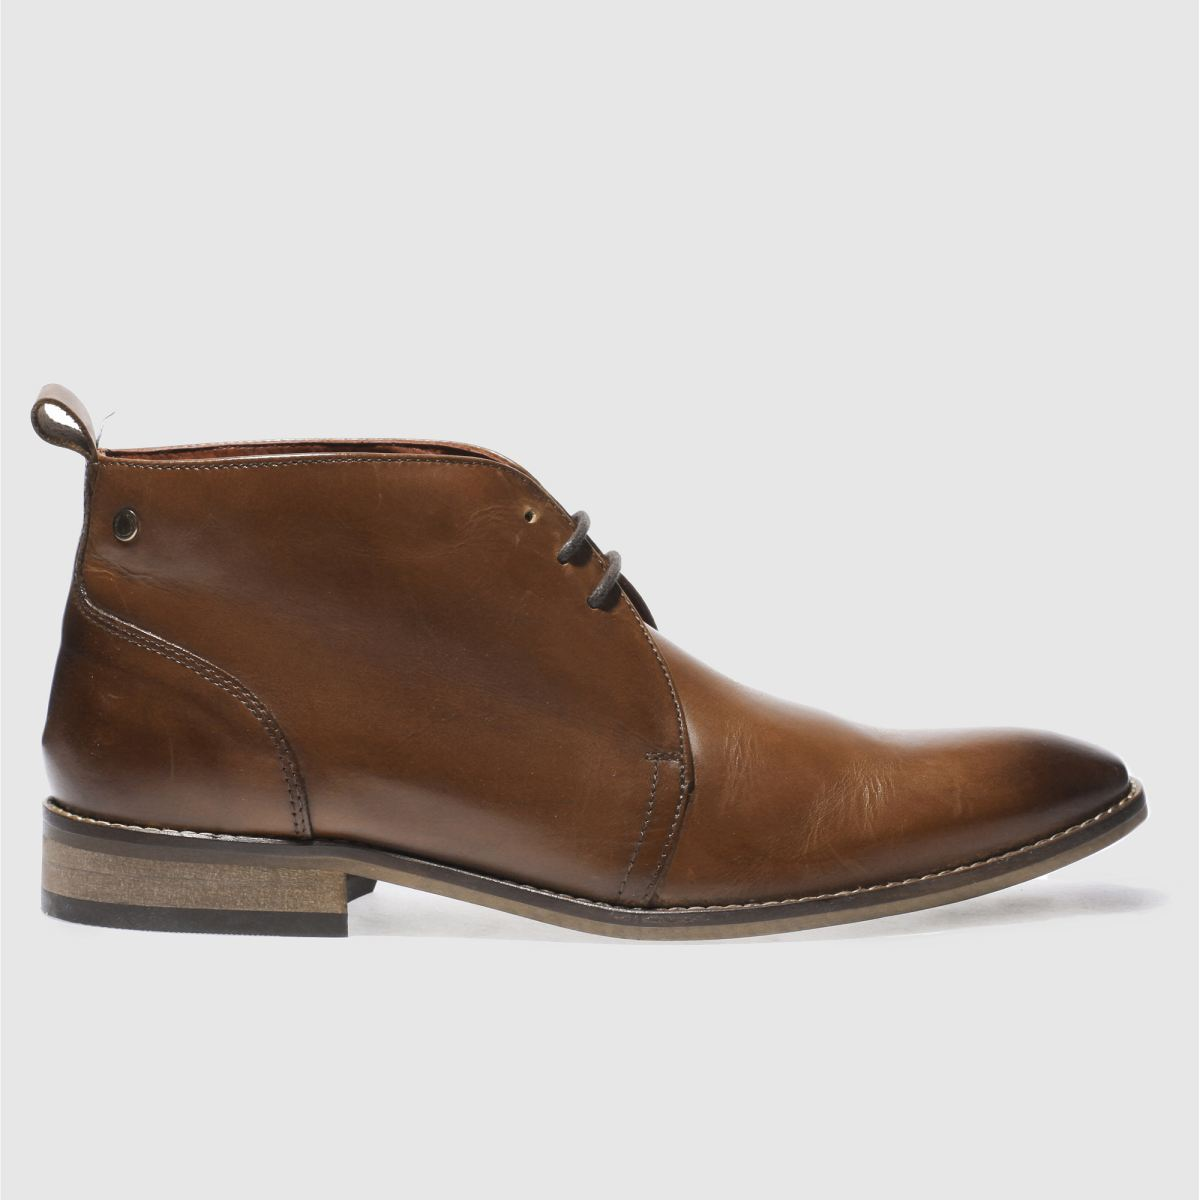 base london tan county chukka boots